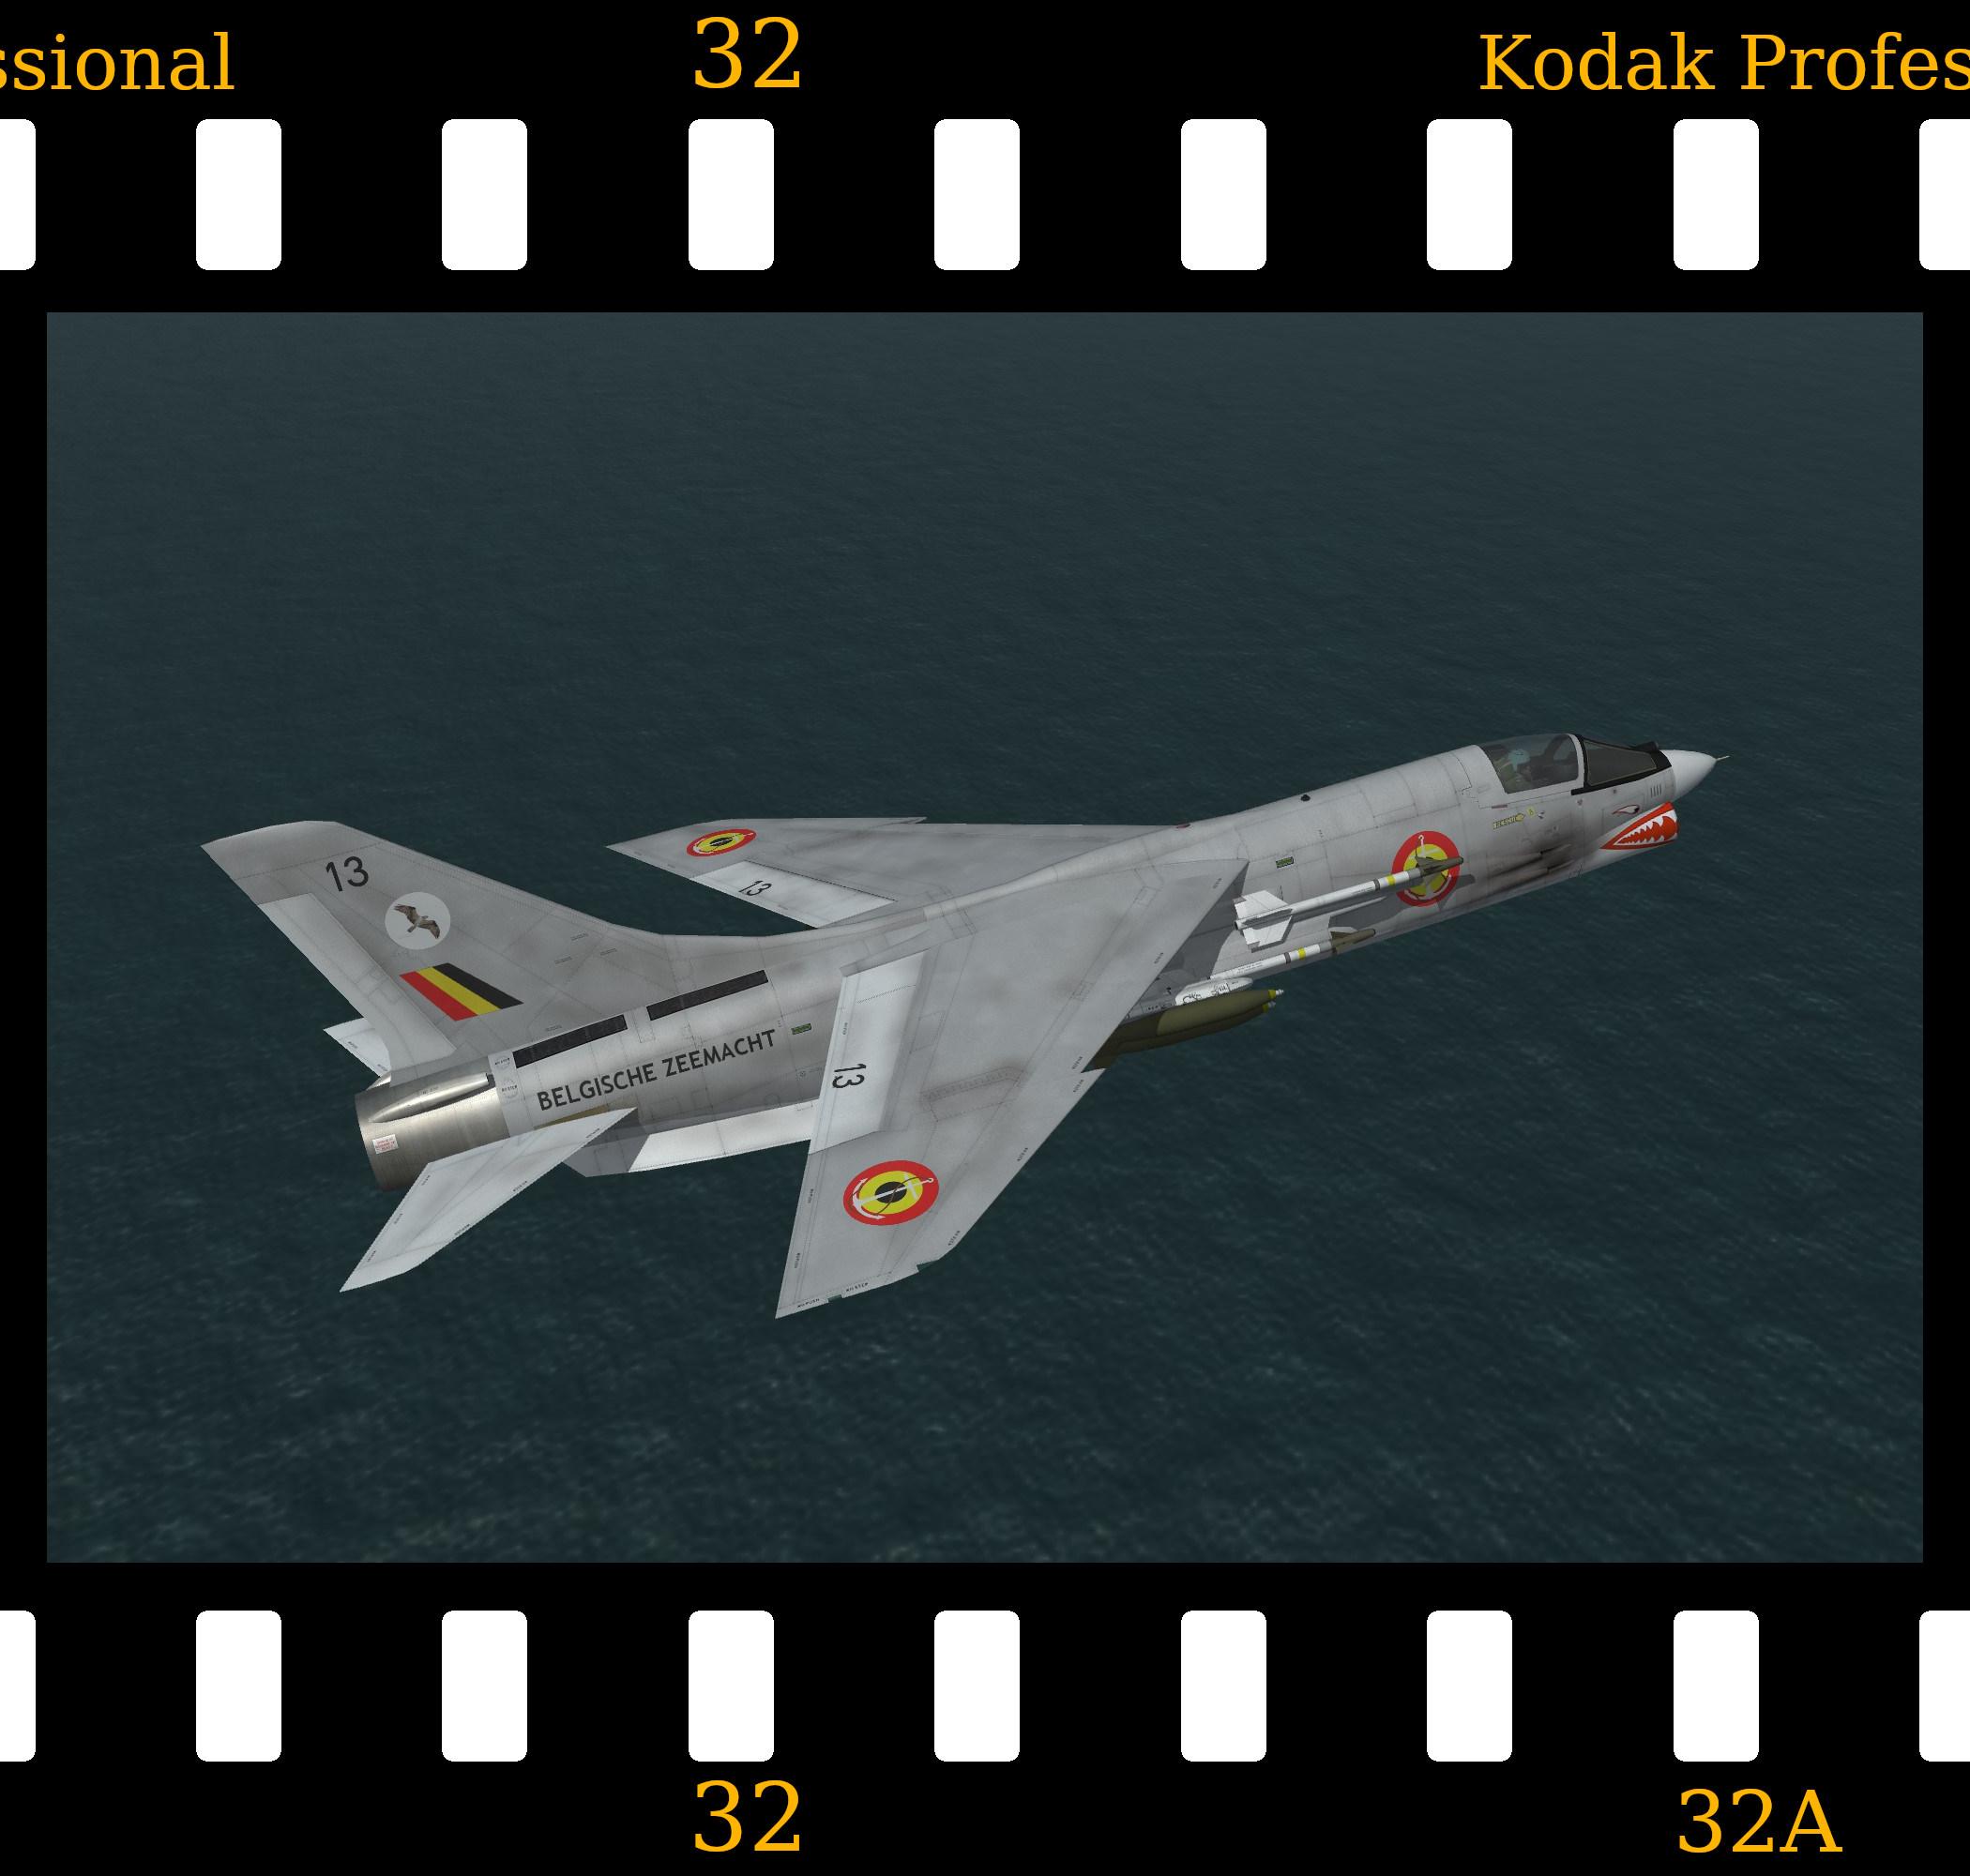 [Fictional] Vought F-8E 'BZ' Crusader 'Belgium'